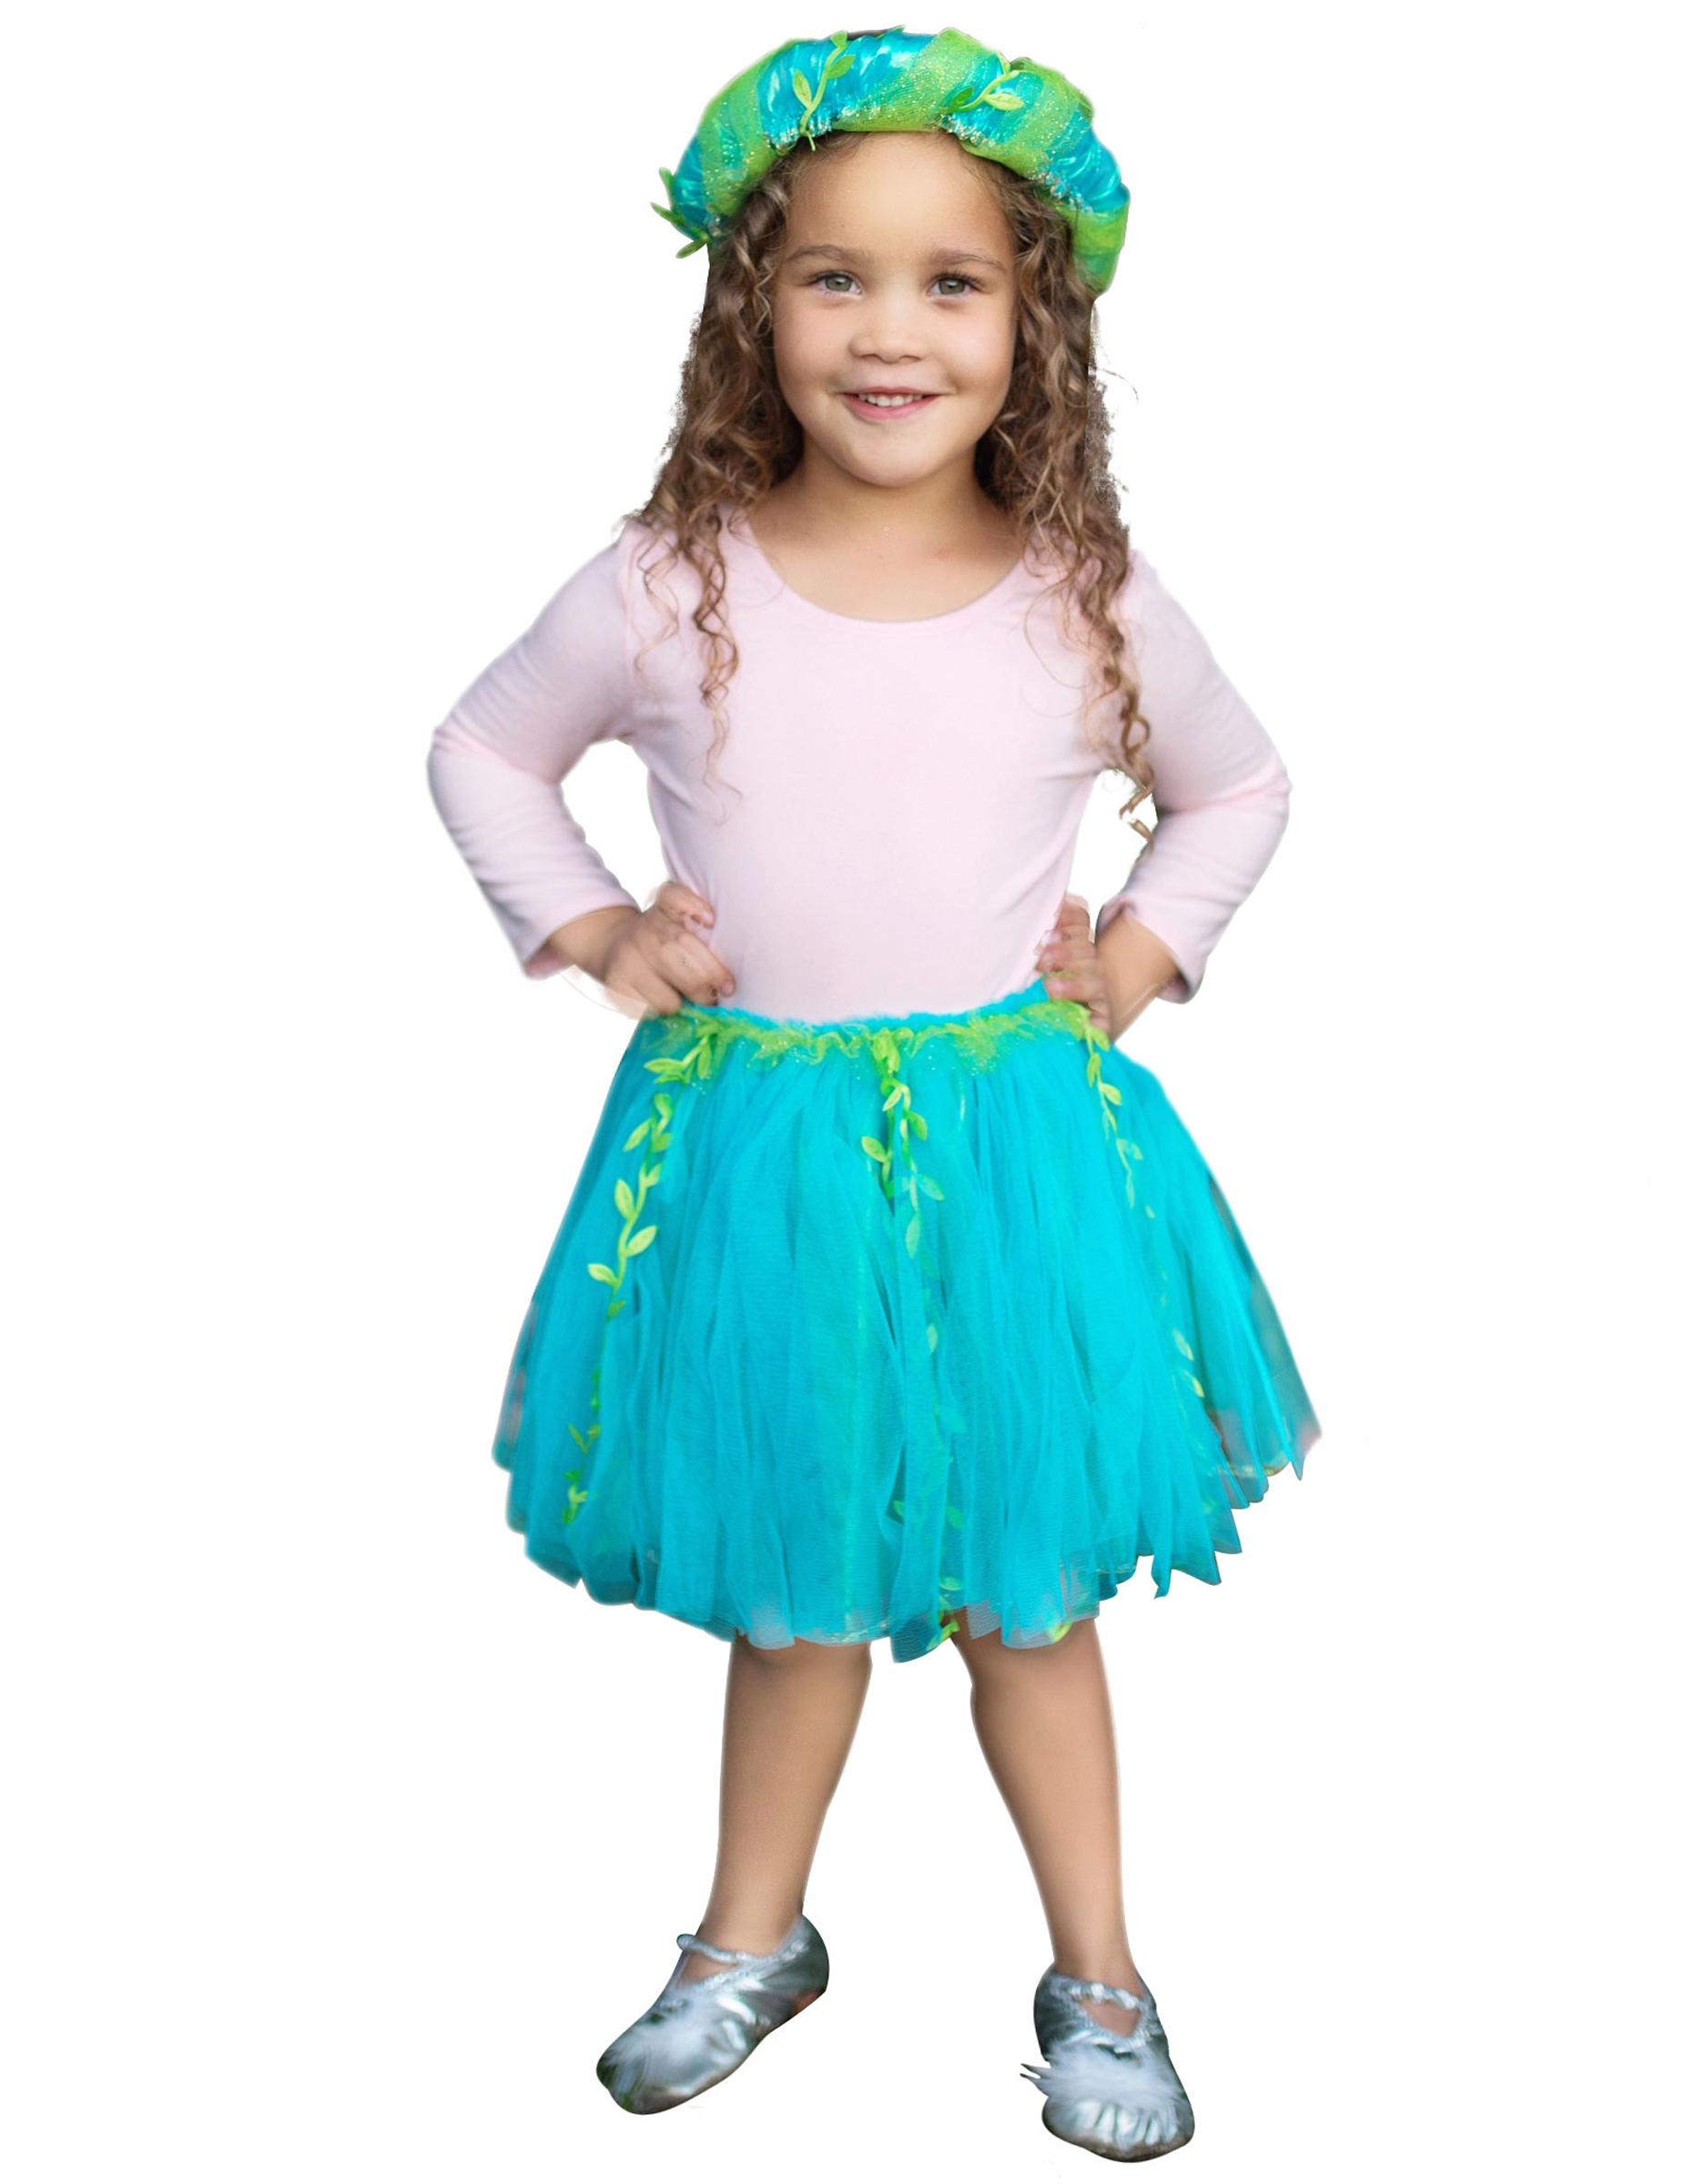 fff138e33 Tutú de sirena azul y verde con corona niña